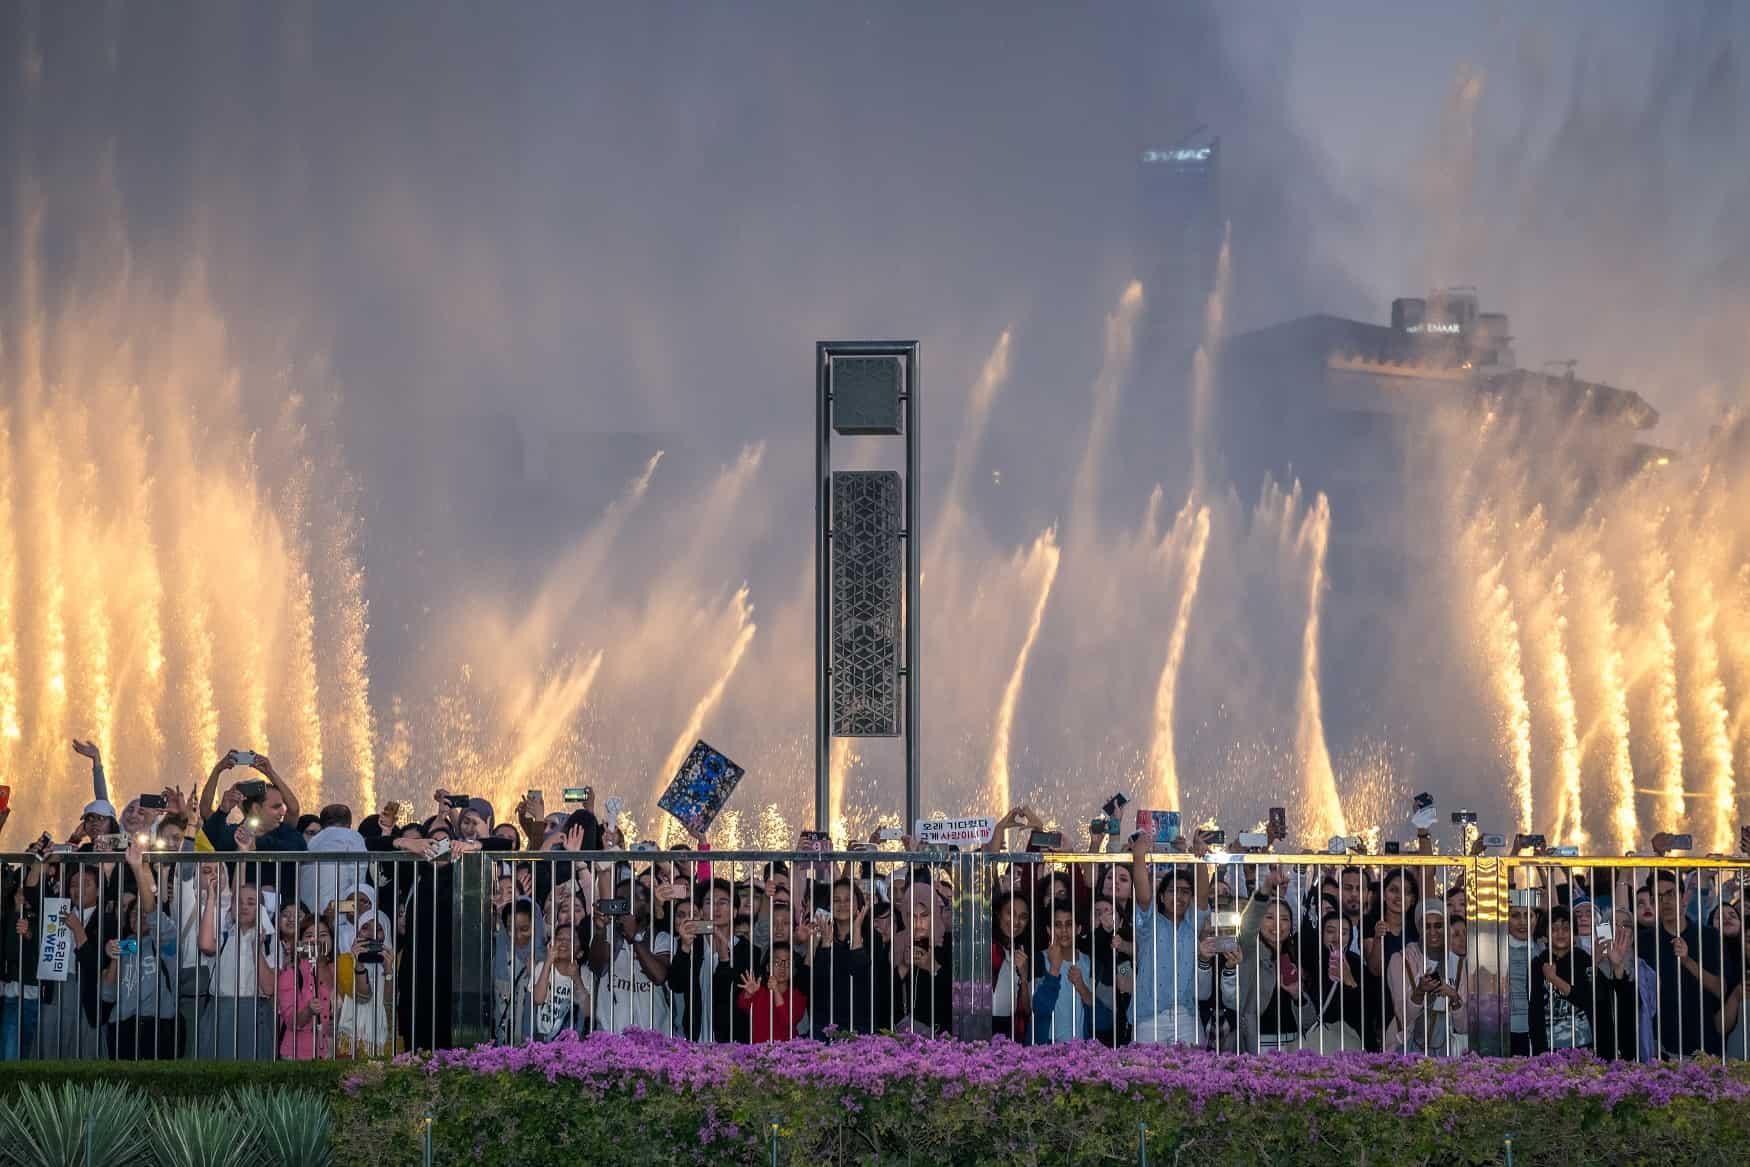 نافورة دبي تفاصيل تحبس الأنفاس